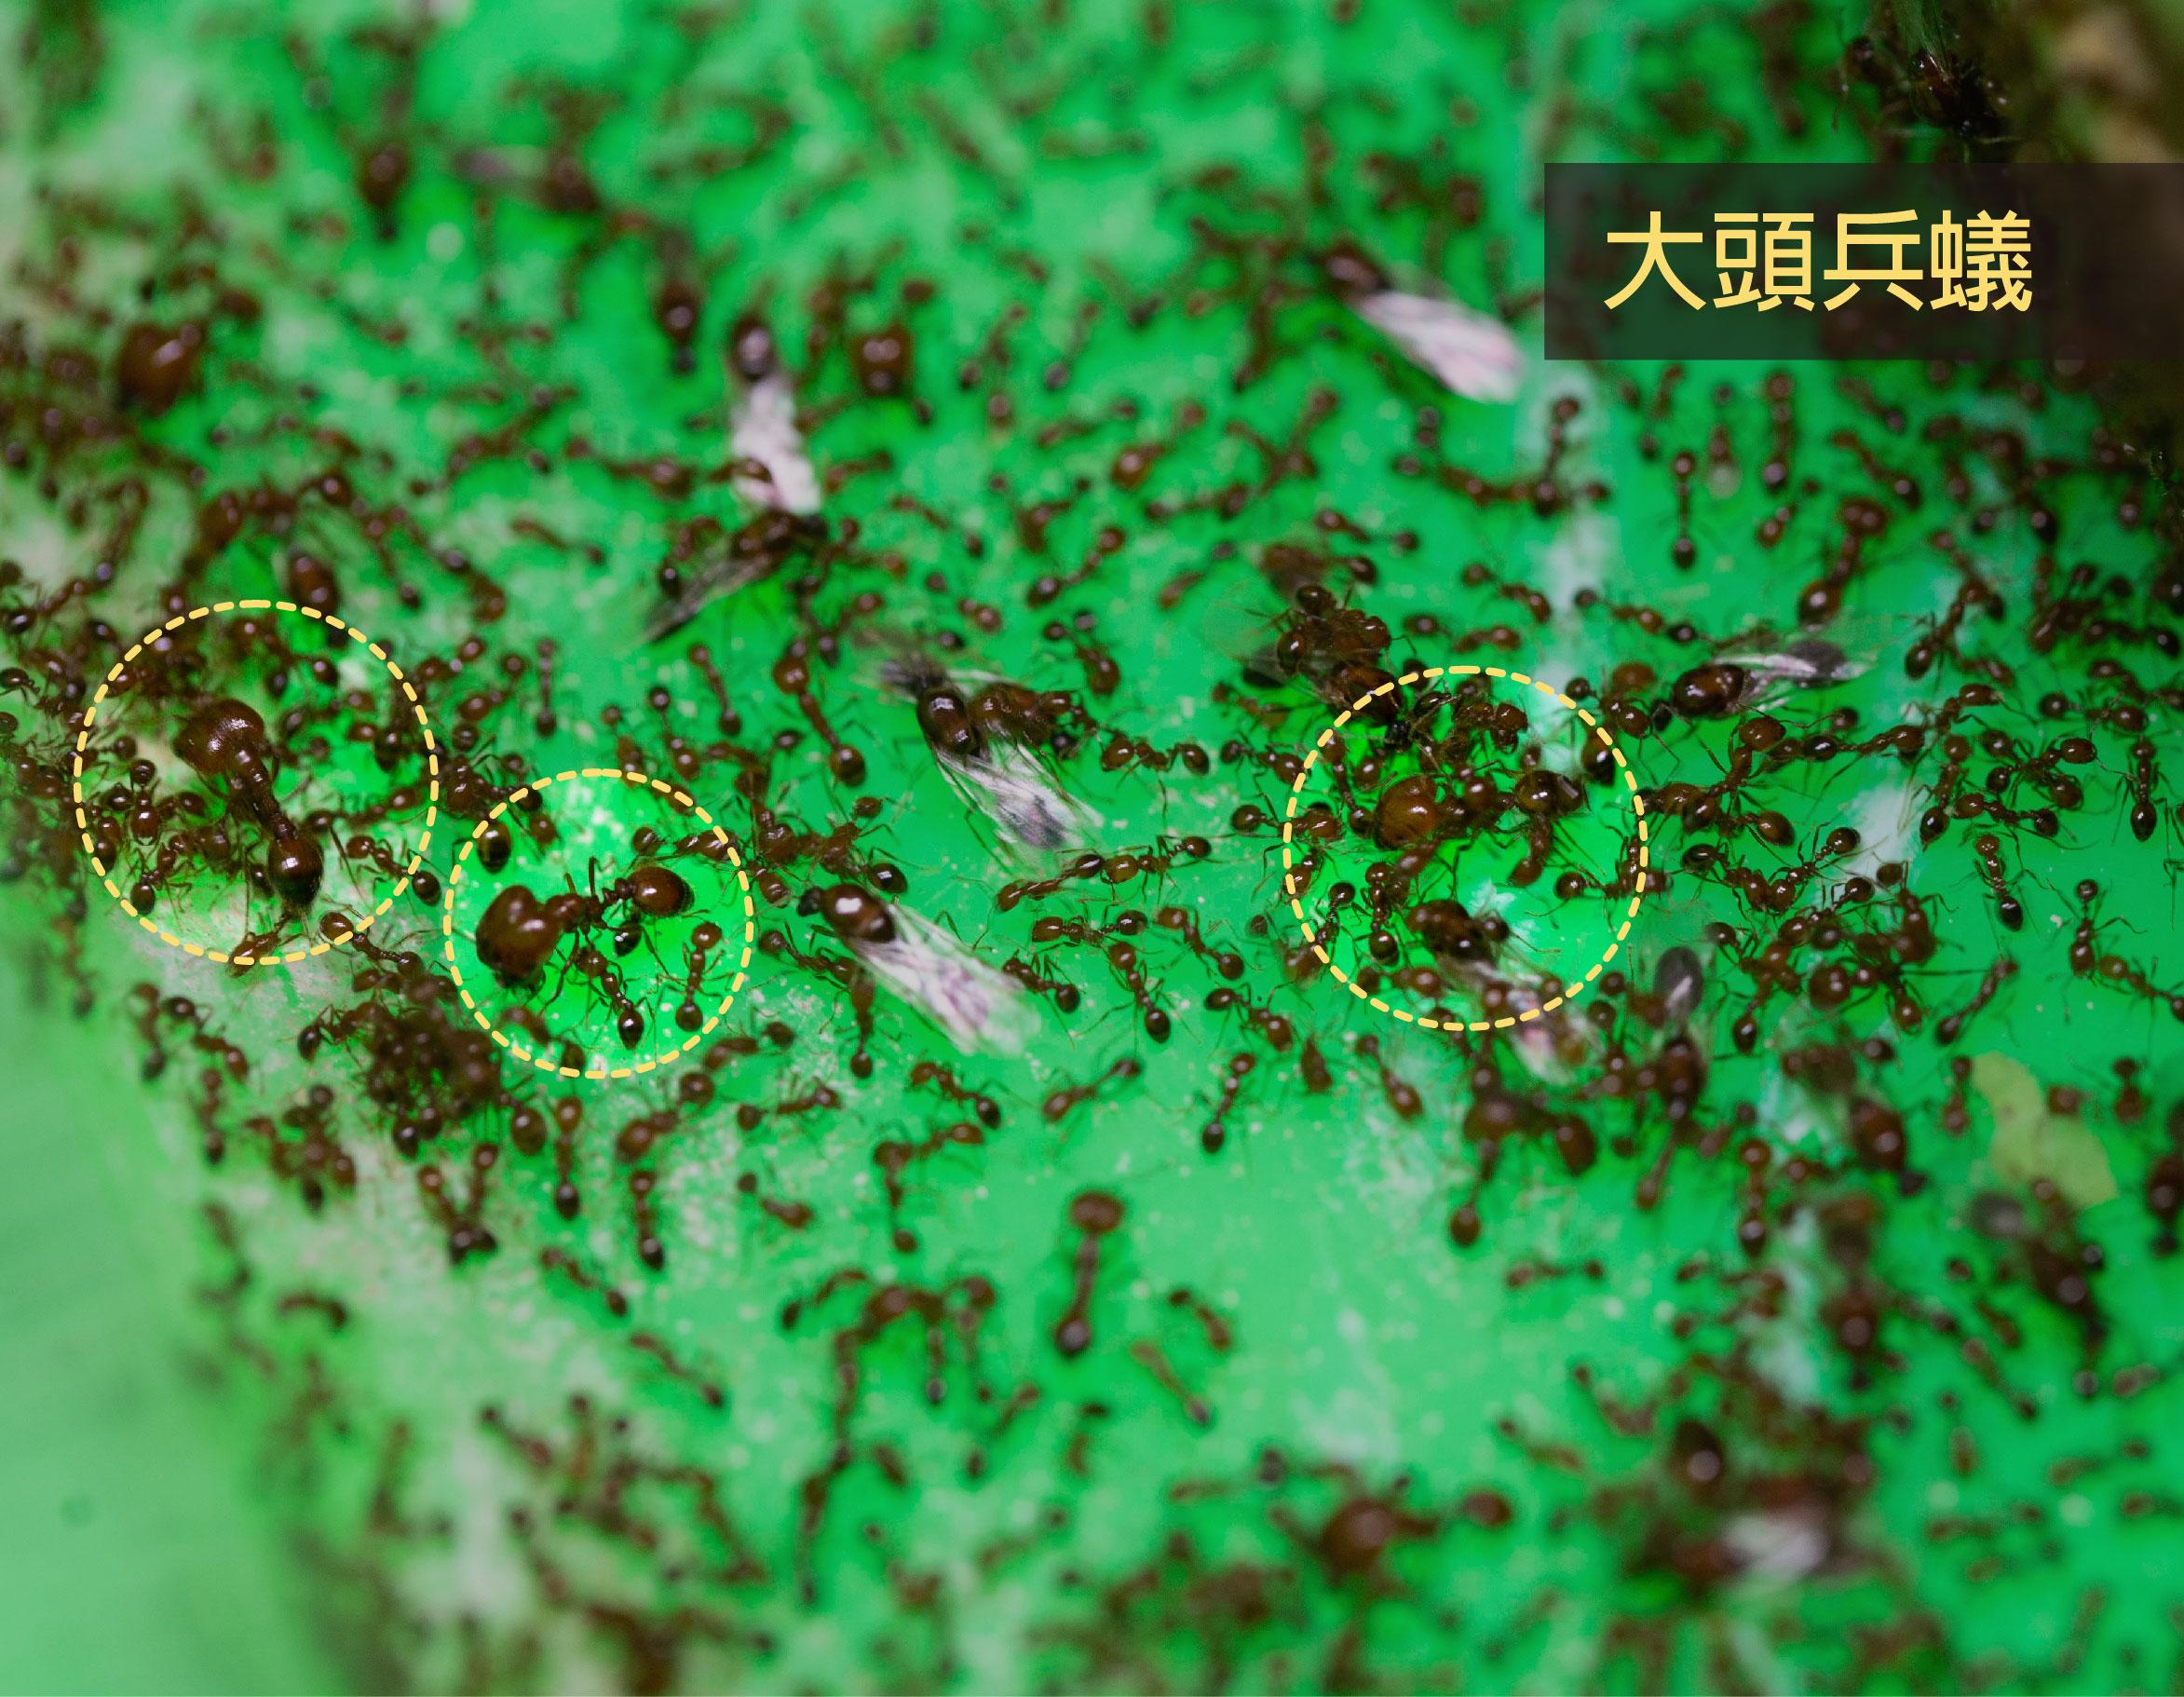 熱帶火蟻有大頭兵蟻,入侵紅火蟻沒有兵蟻,只有工蟻,可用來區別兩種火蟻。圖│研之有物